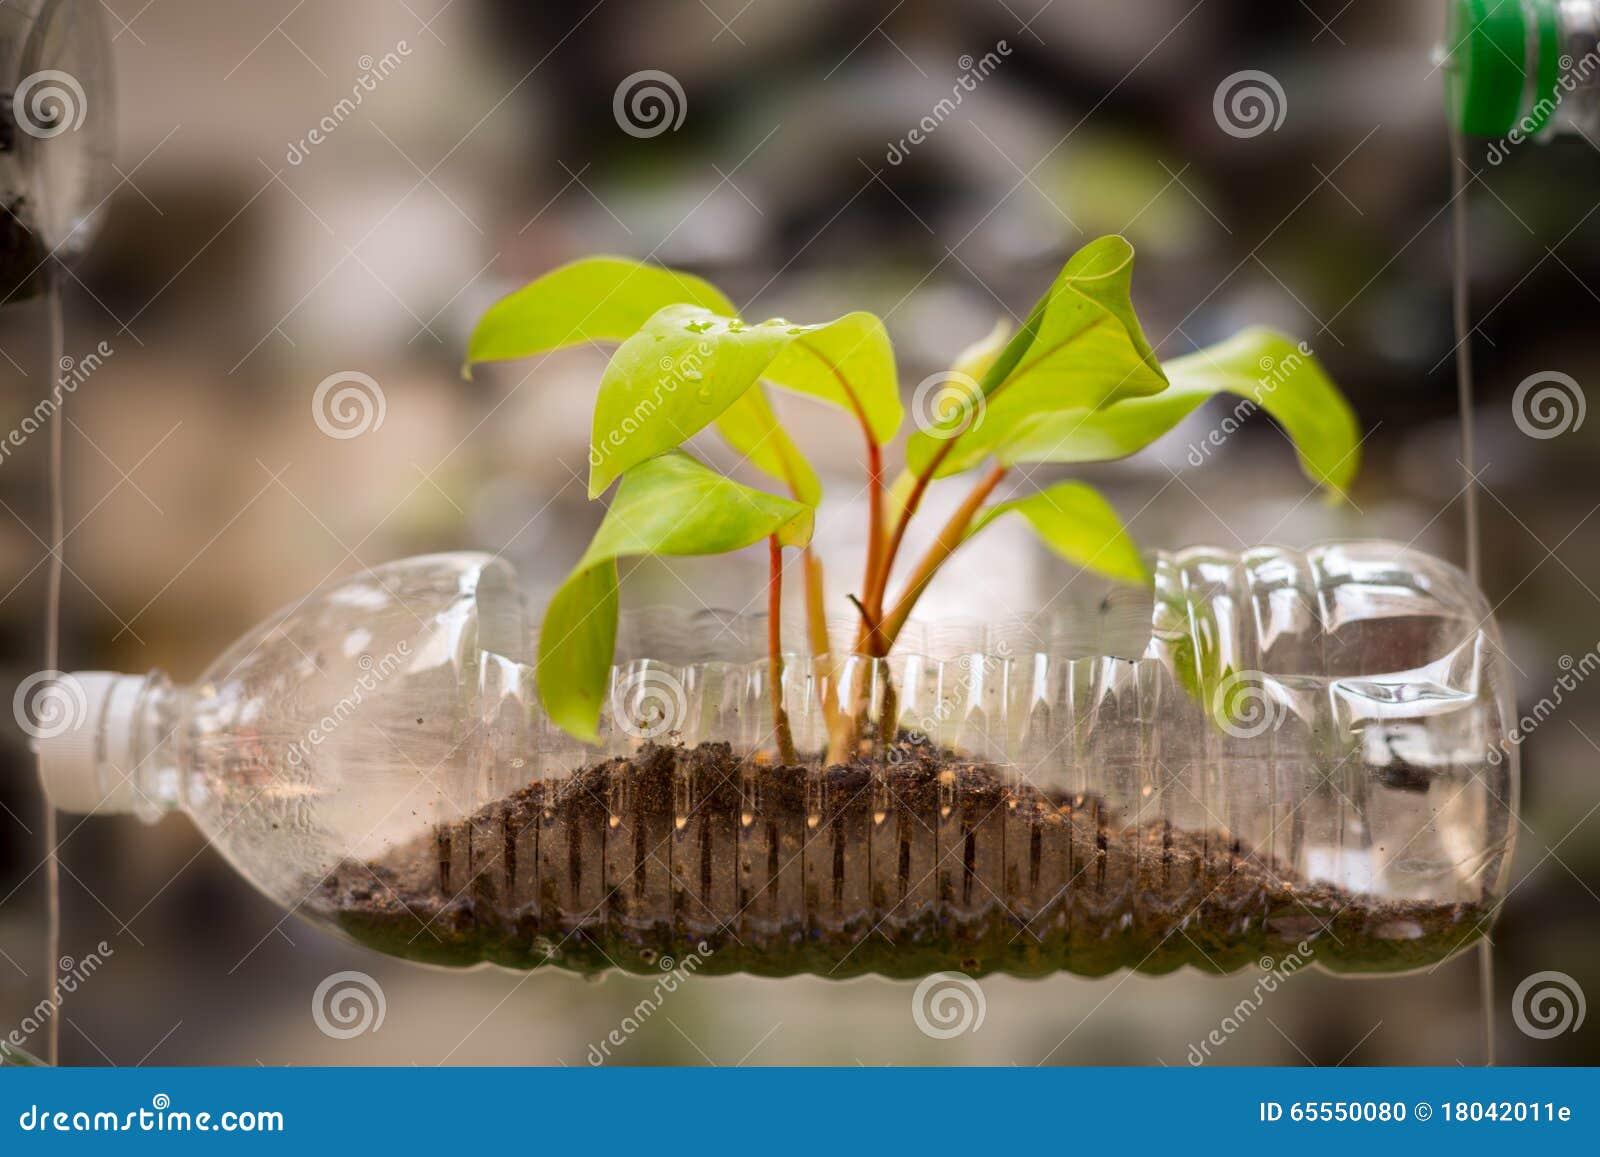 空的塑料瓶用途作为生长植物的, recyc一个容器